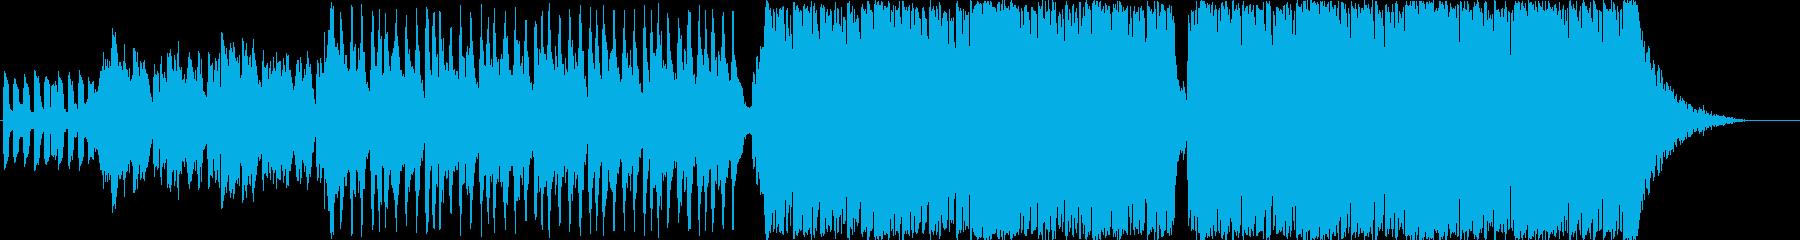 ドキュメンタリー緊迫(クワイアーなし)の再生済みの波形